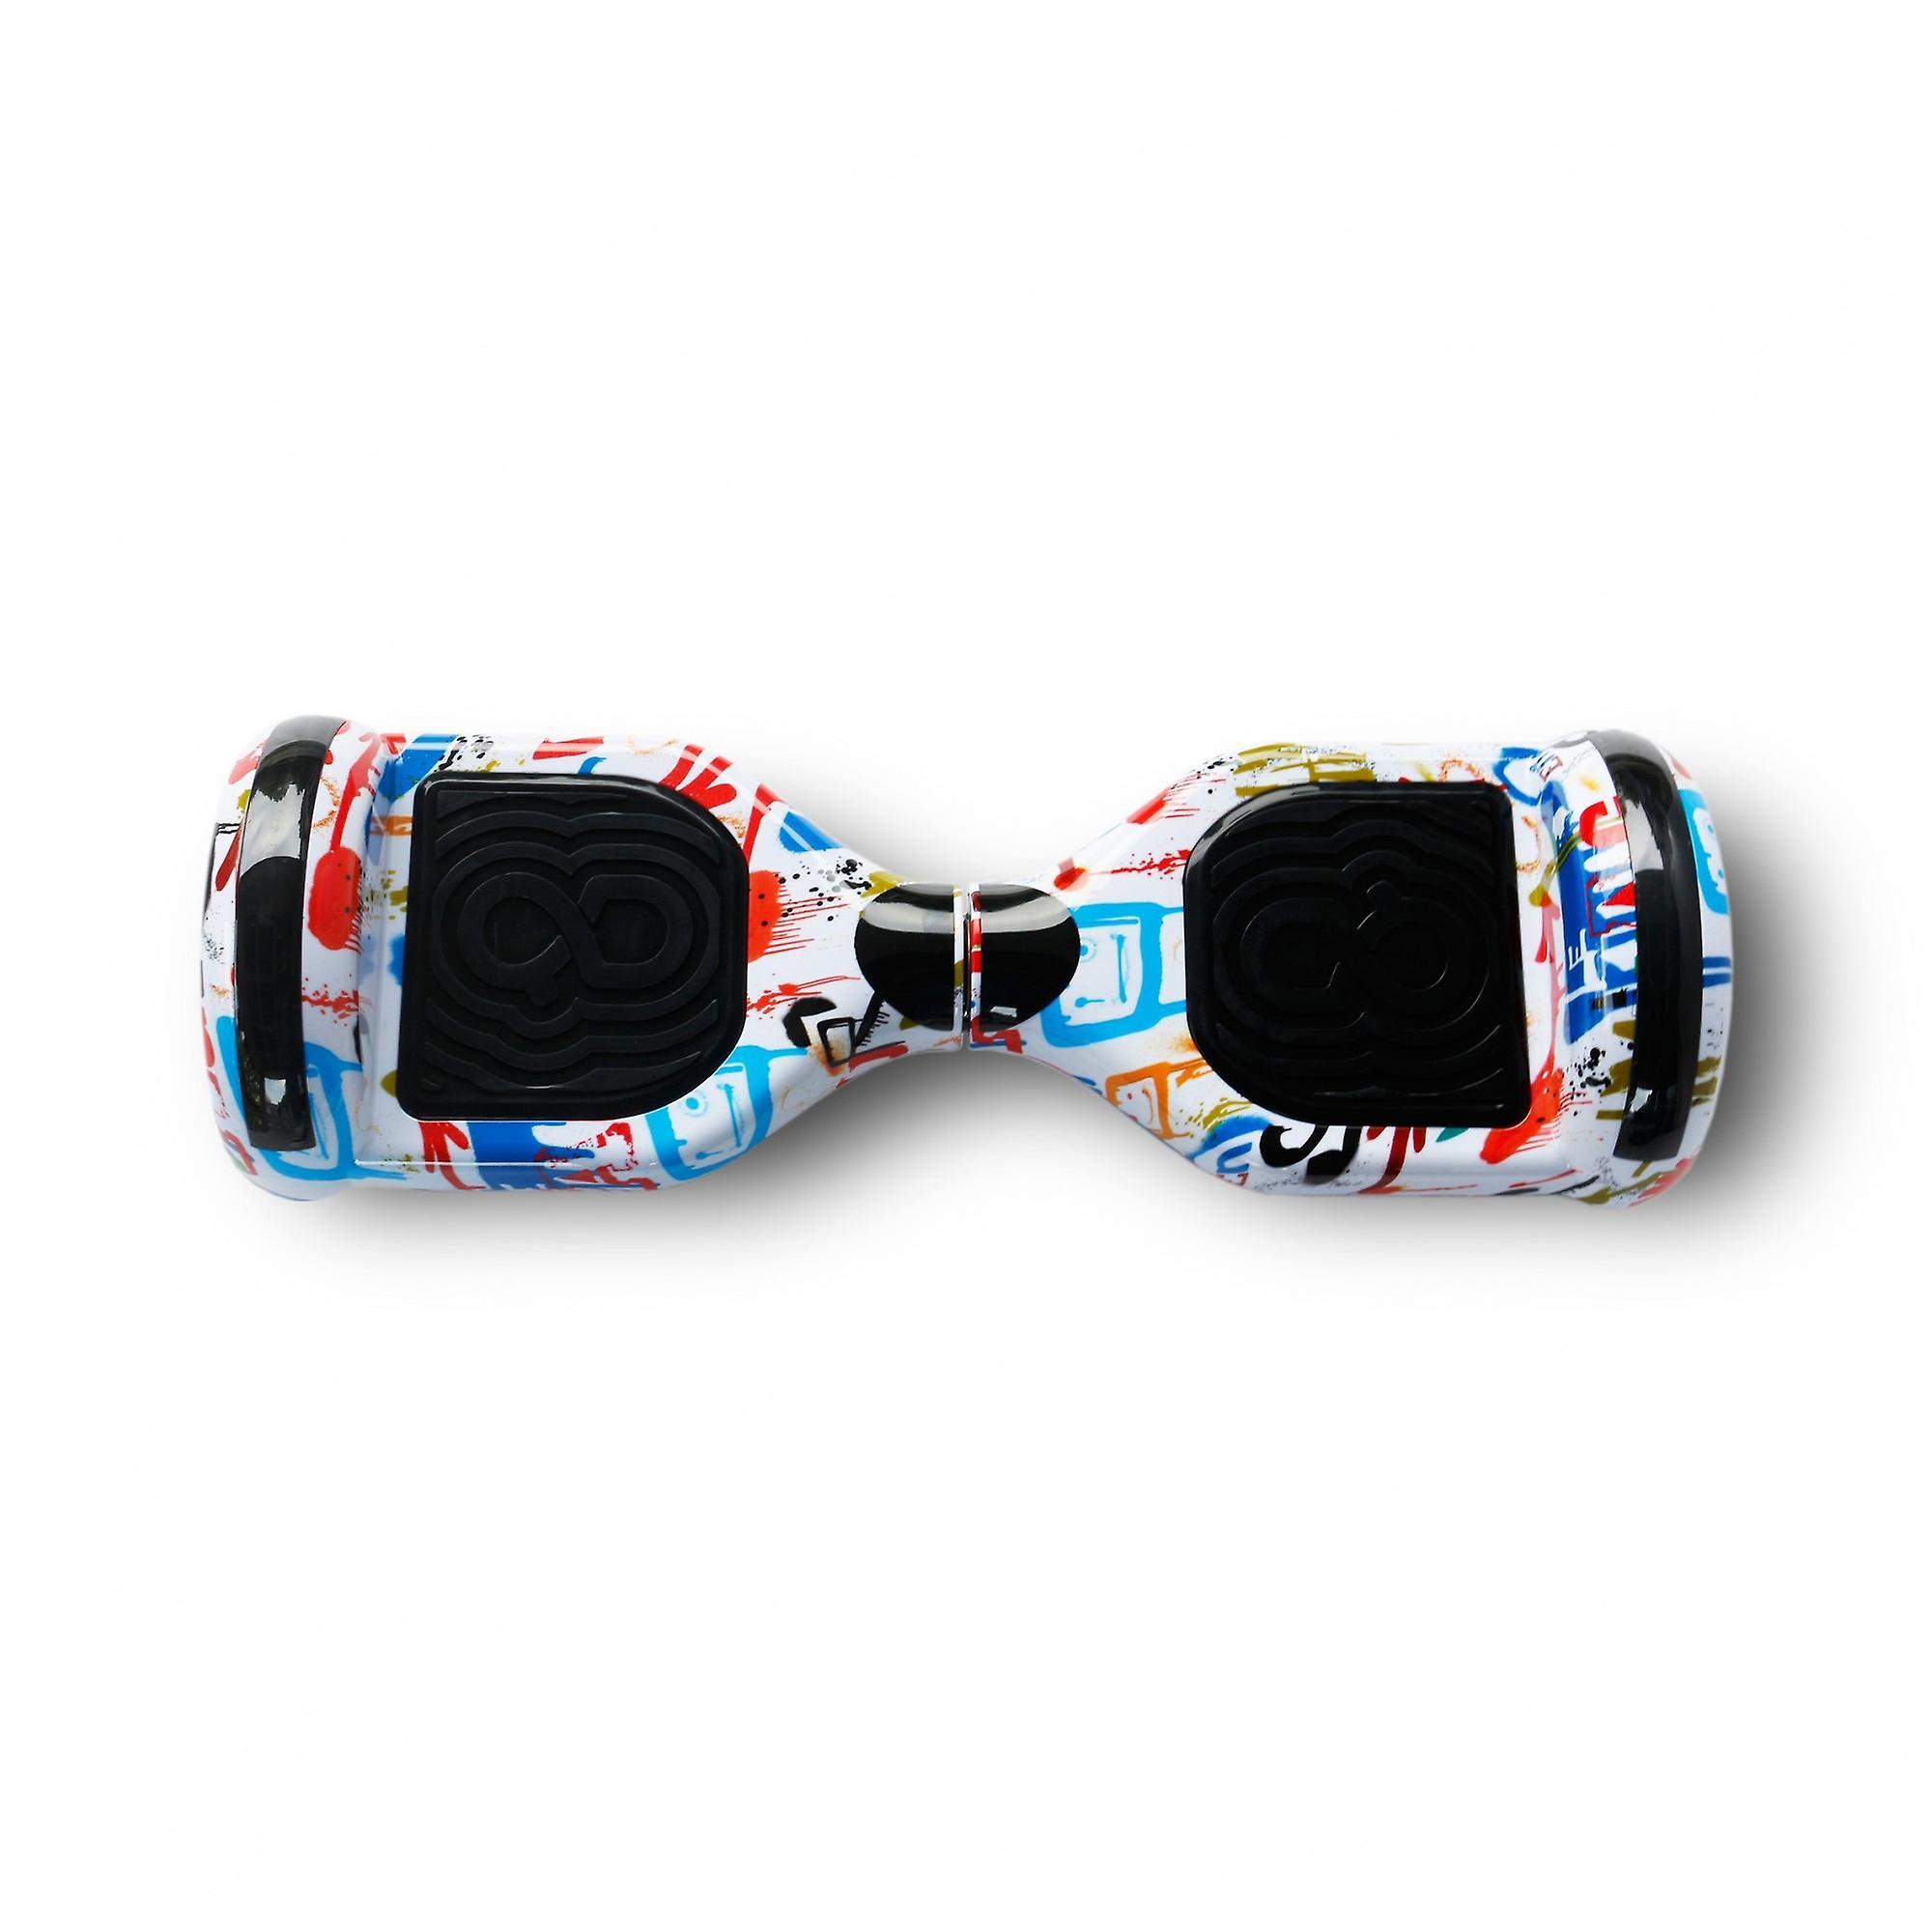 Hoverboard Skateflash K6 Street Dance Bluetooth + Transport Bag